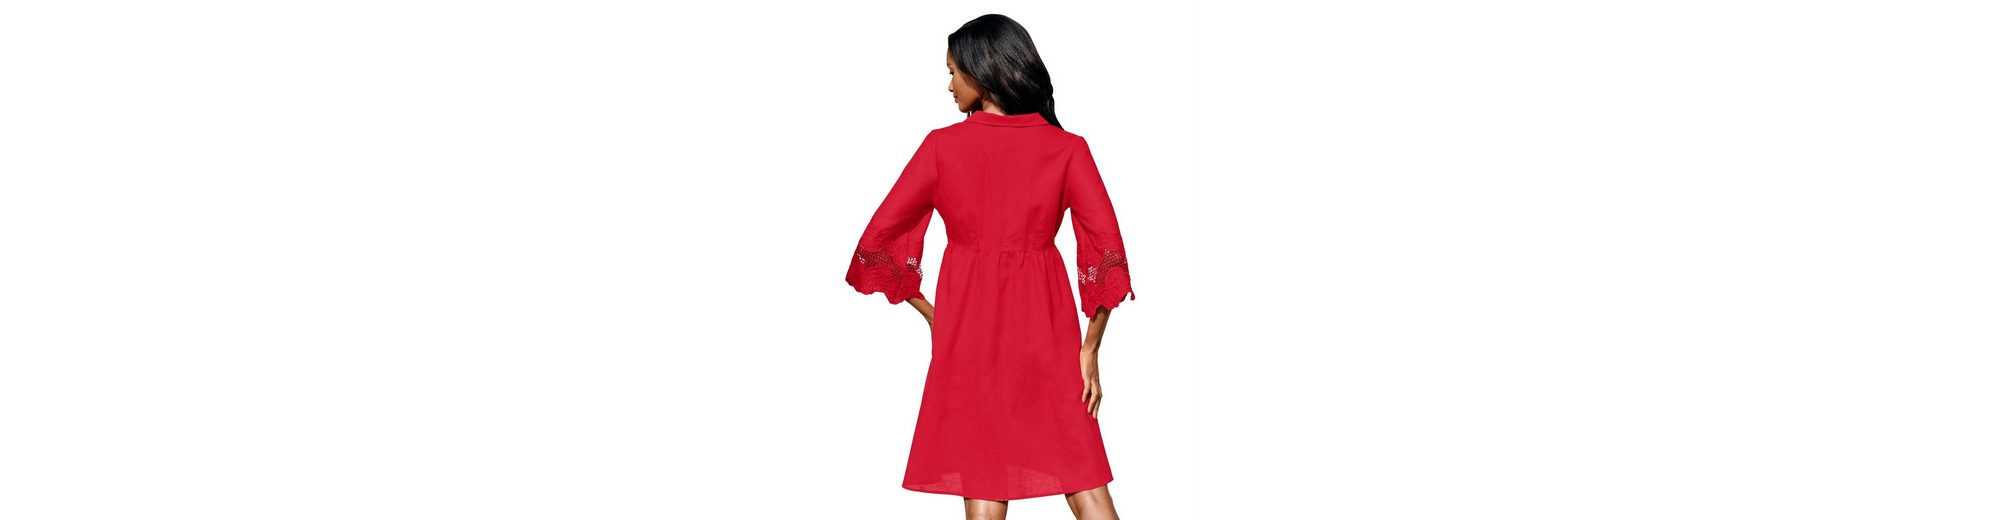 Alba Moda Strandkleid Kleid mit Leinenanteil Billig Sehr Billig wZ358